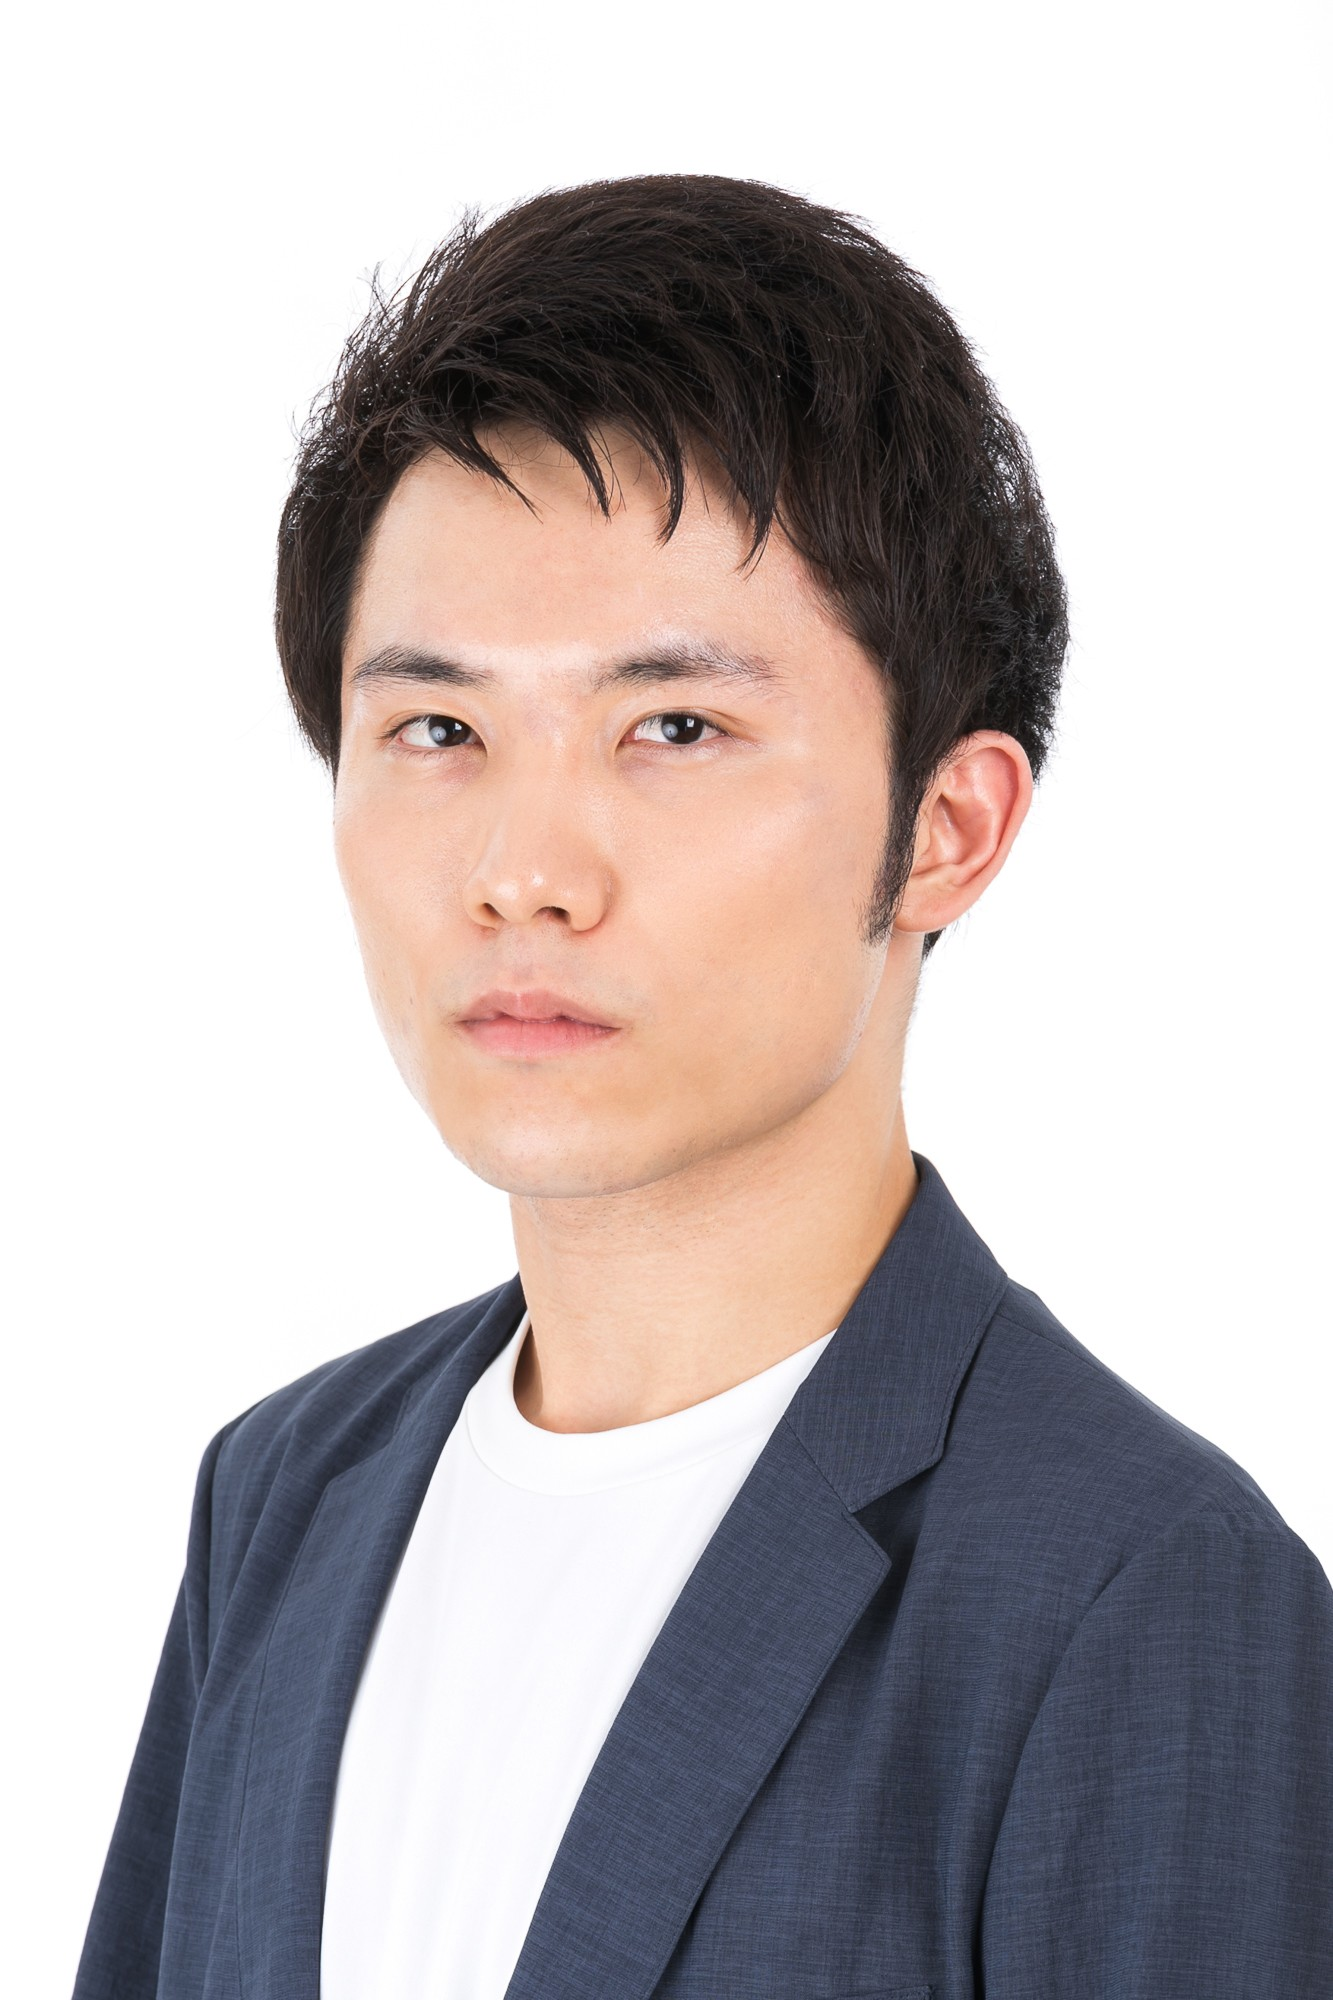 宮口弘二,Miyaguchi Kouji